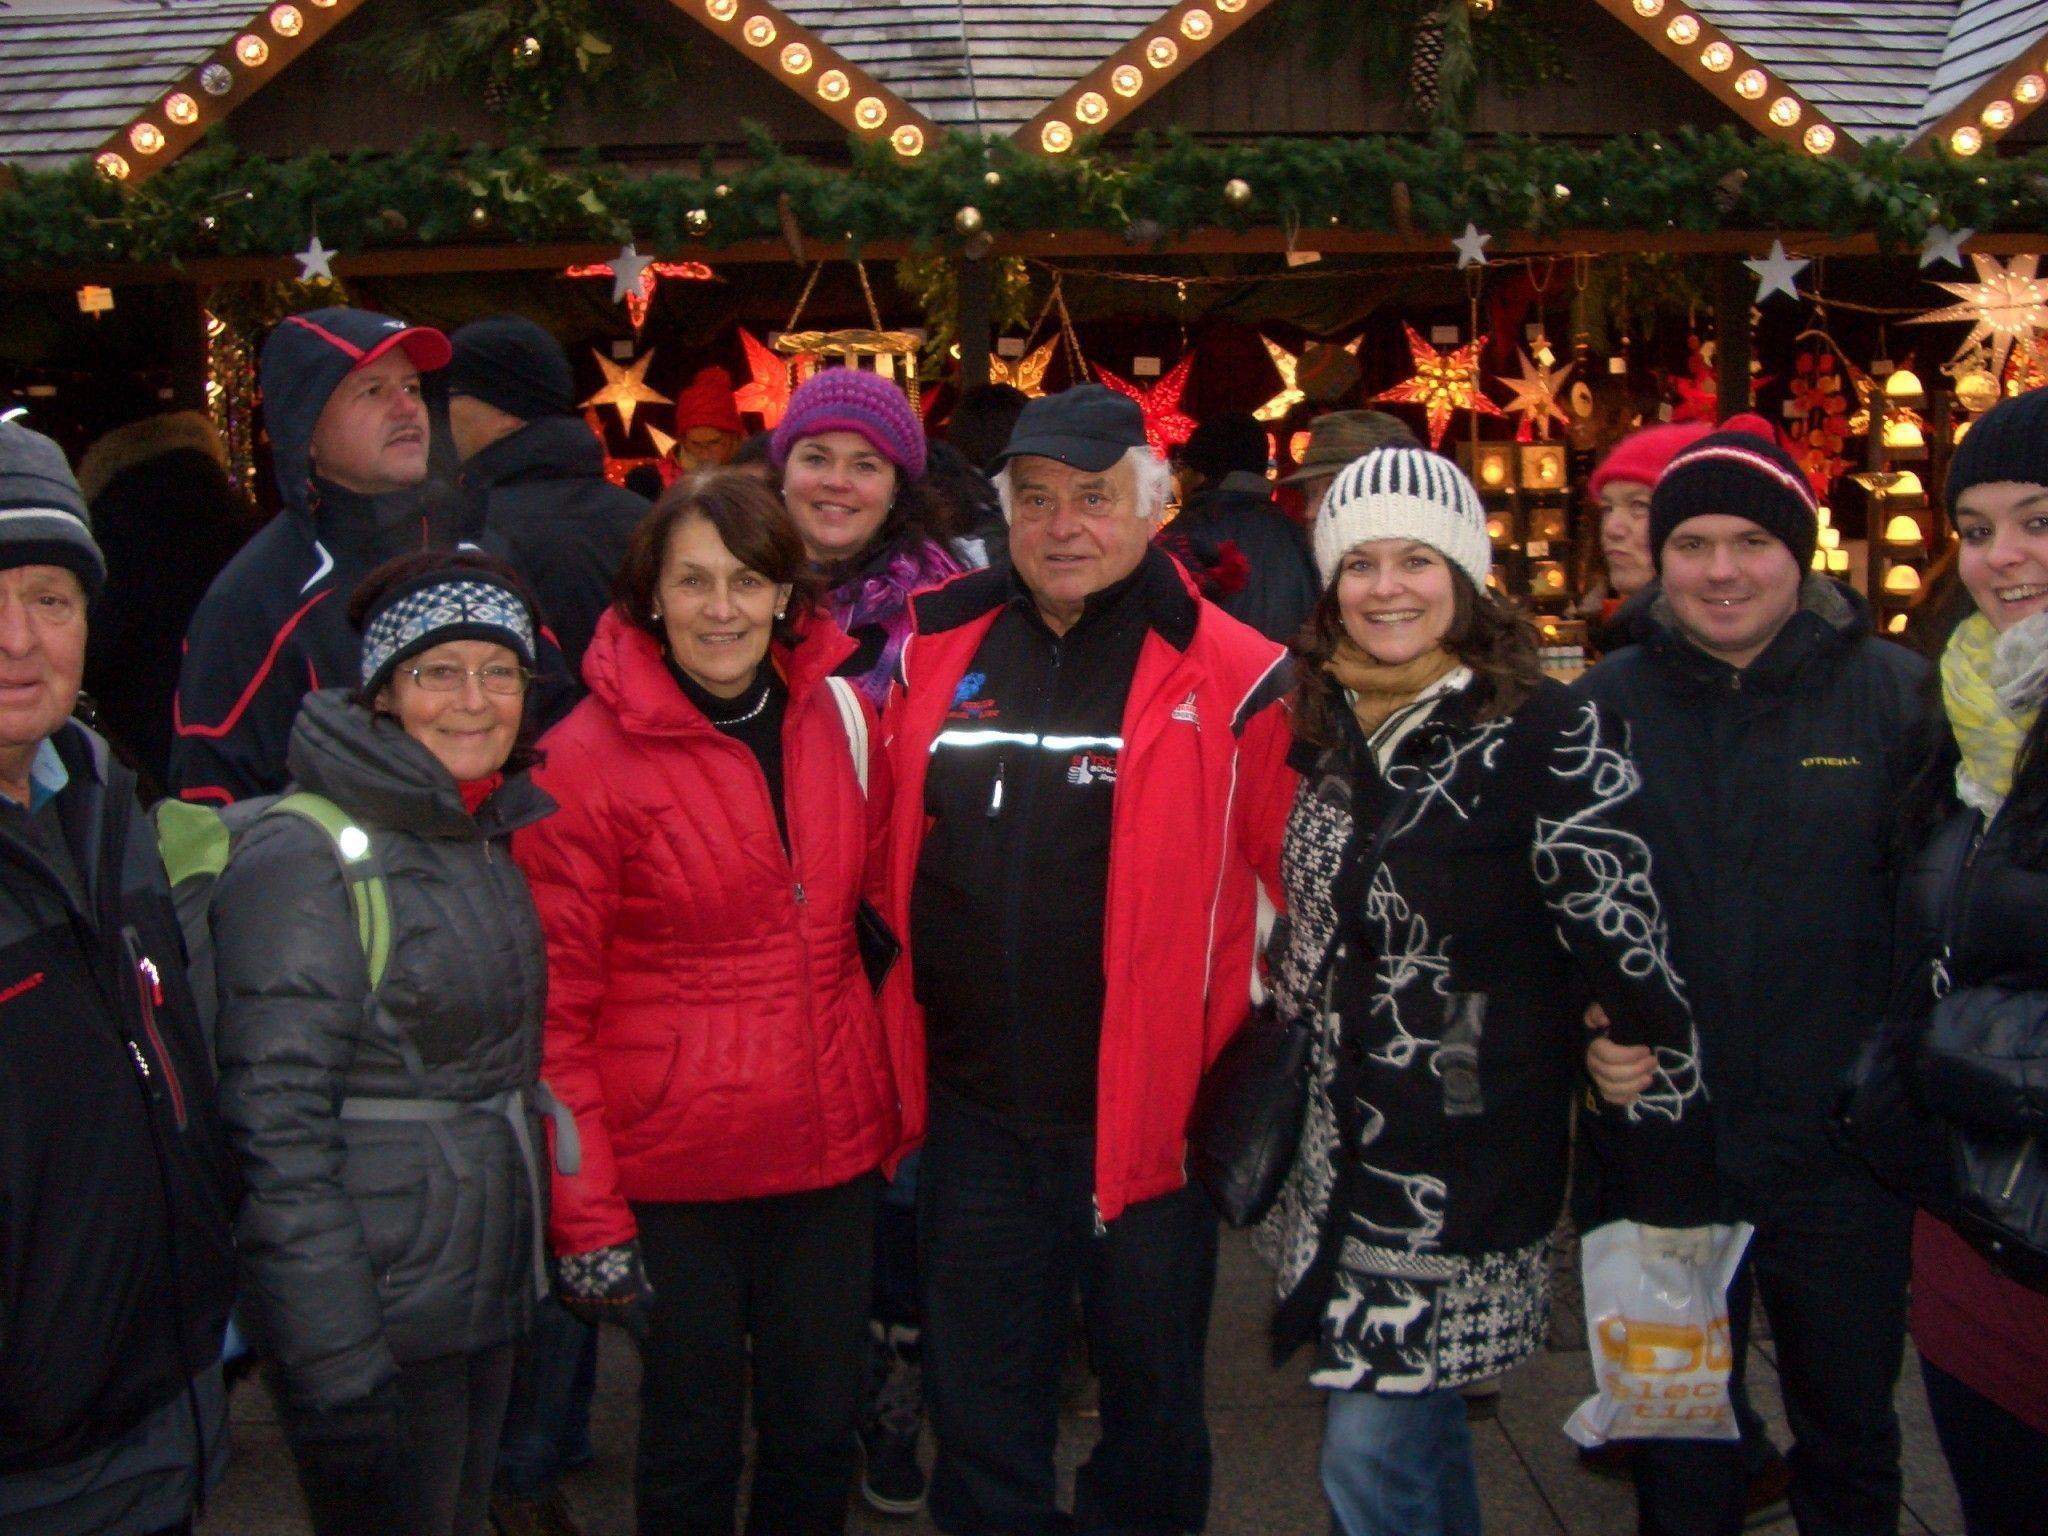 Rodelfunktionäre genossen den Ulmer Weihnachtsmarkt.